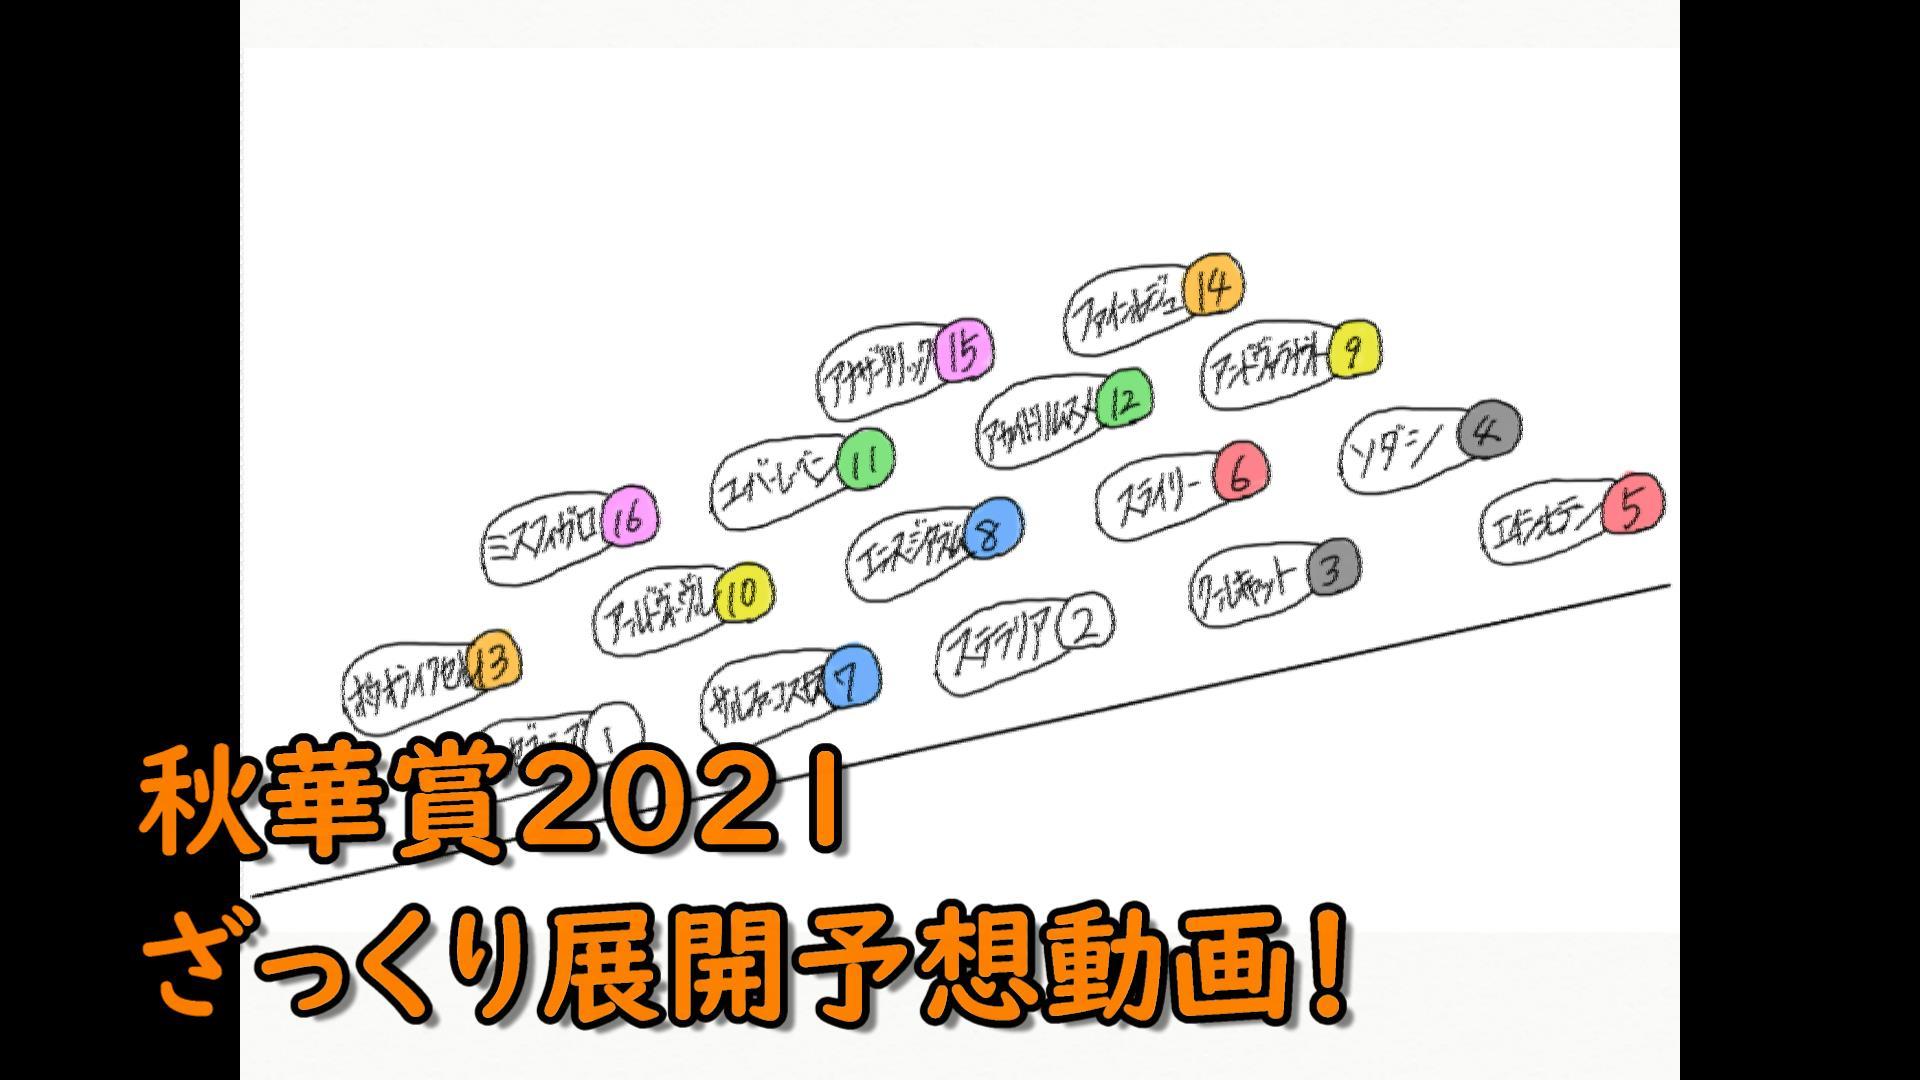 秋華賞2021のざっくり展開予想動画!